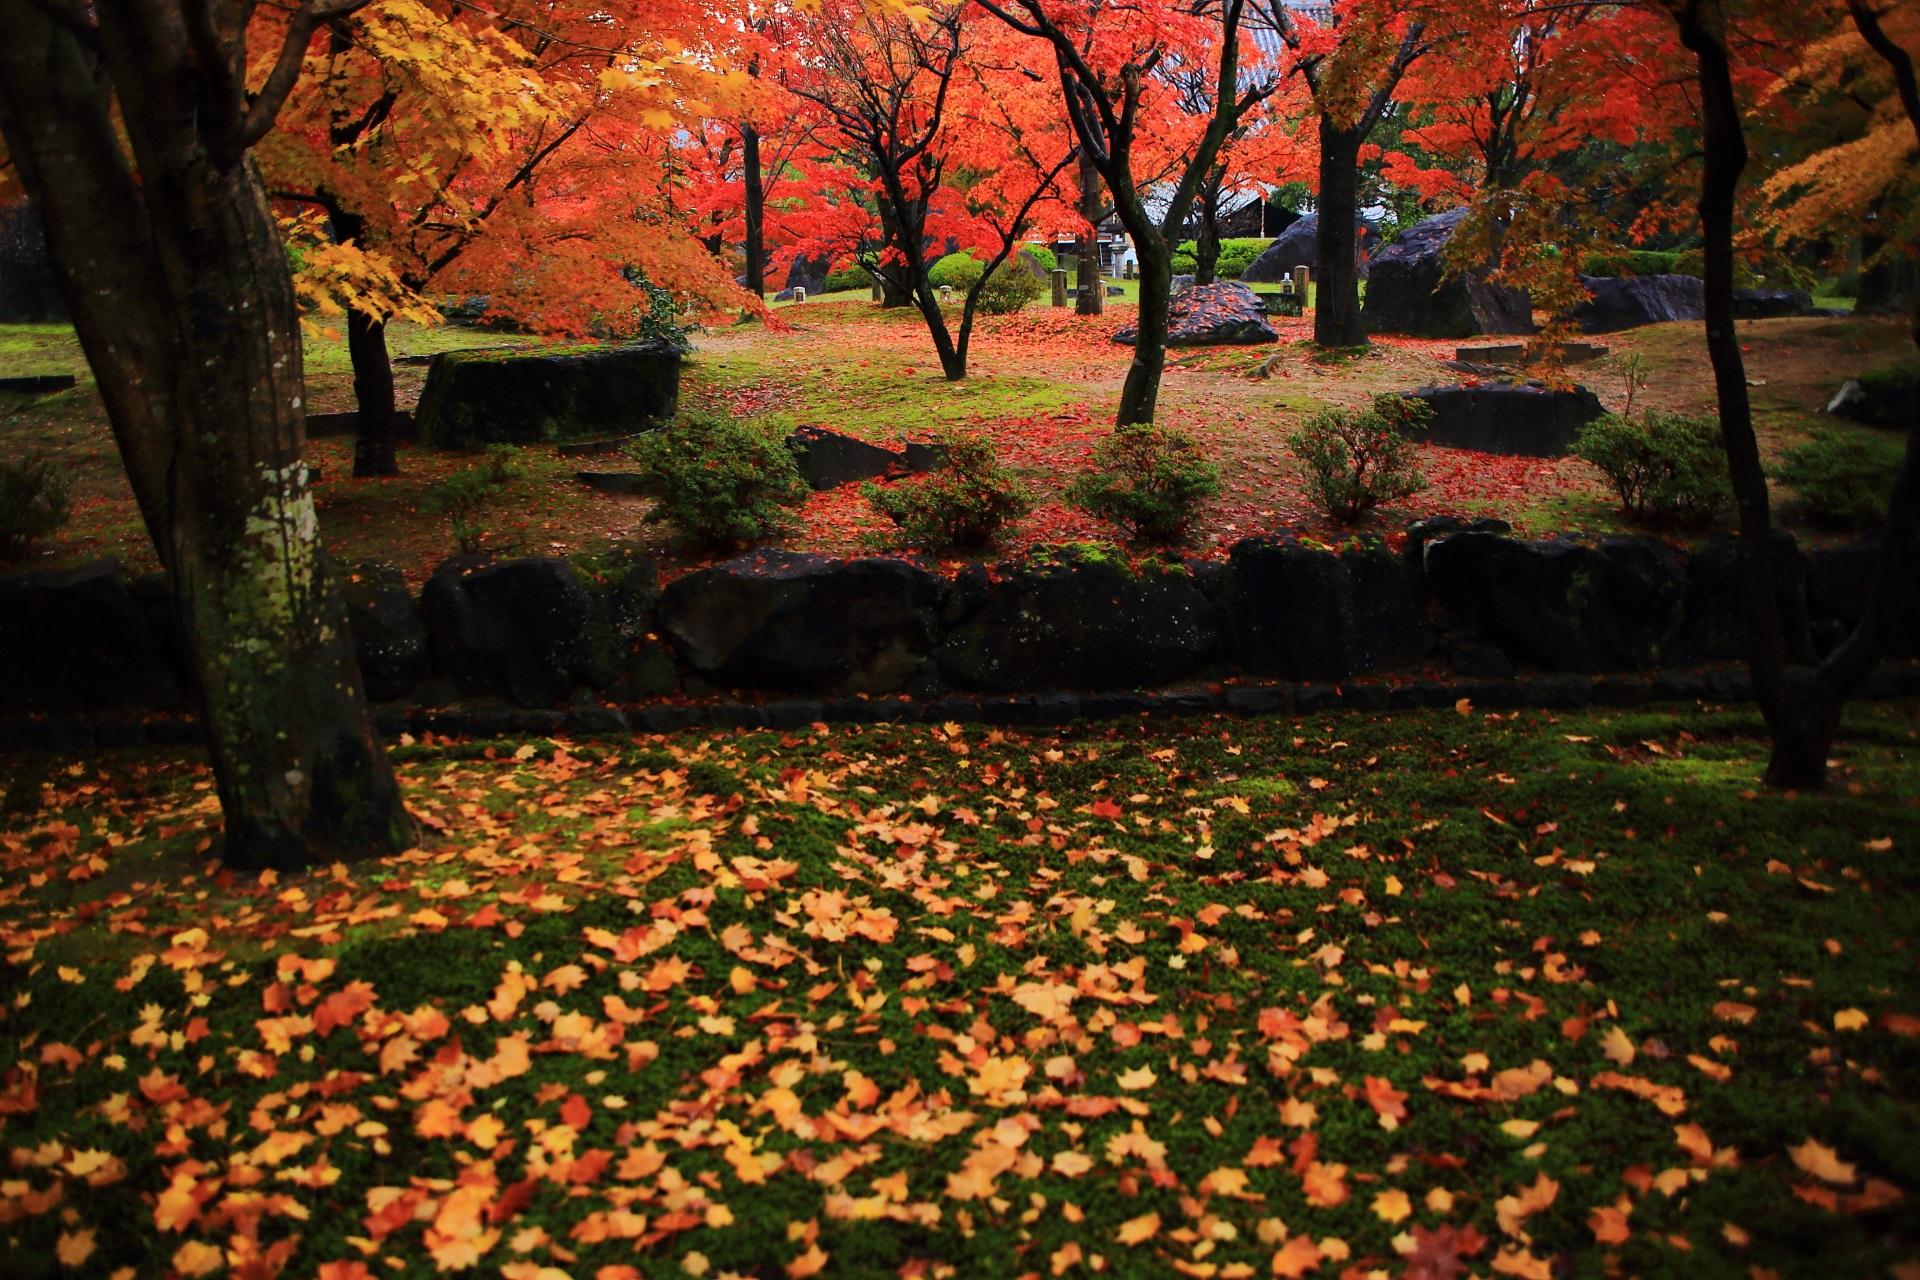 智積院の雨上がりの境内を染める色とりどりの紅葉や散りもみじ